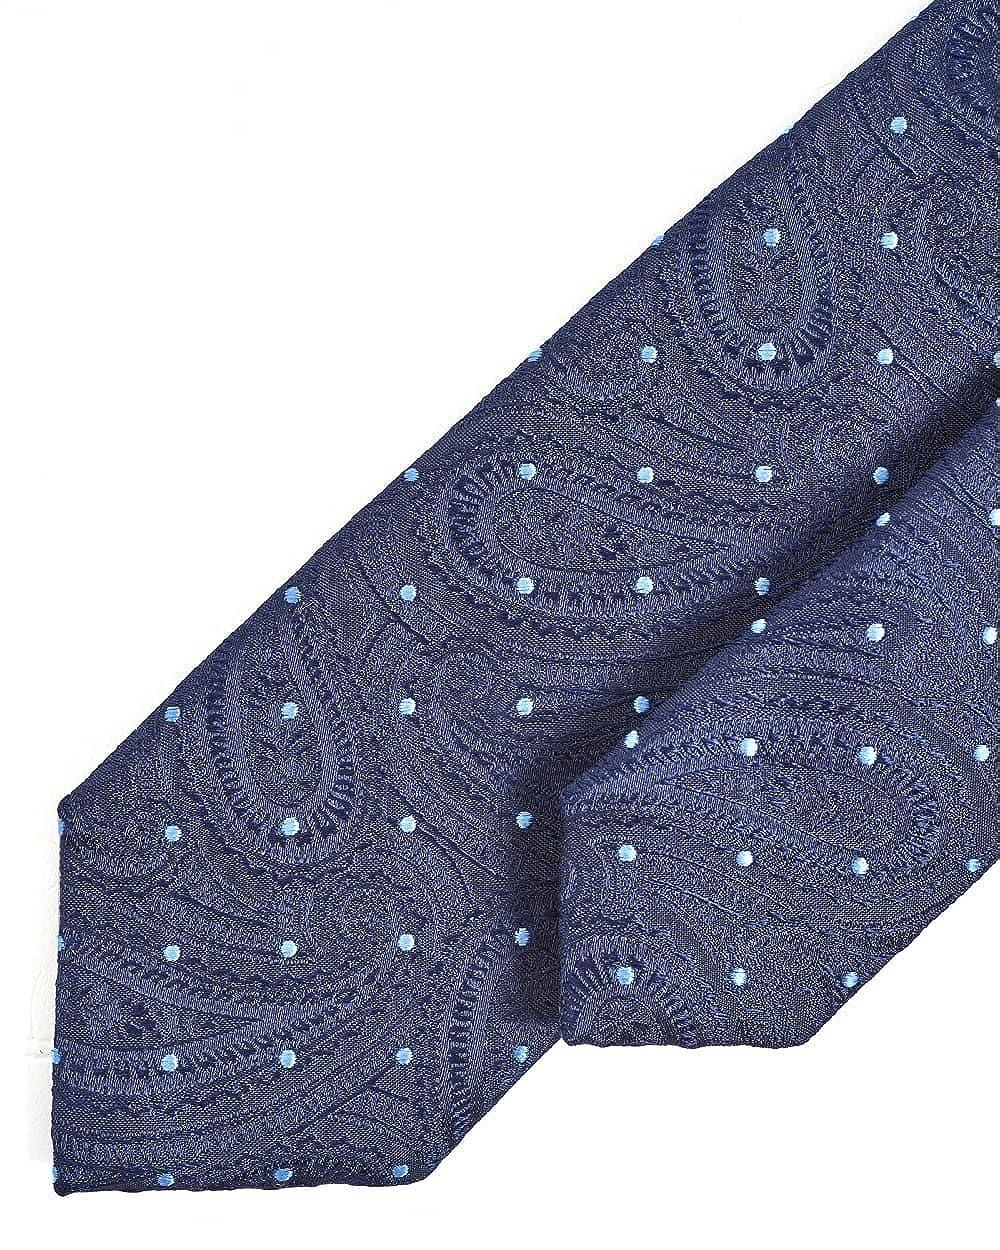 BOSS corbata de seda dots on paisley navy: Amazon.es: Ropa y ...